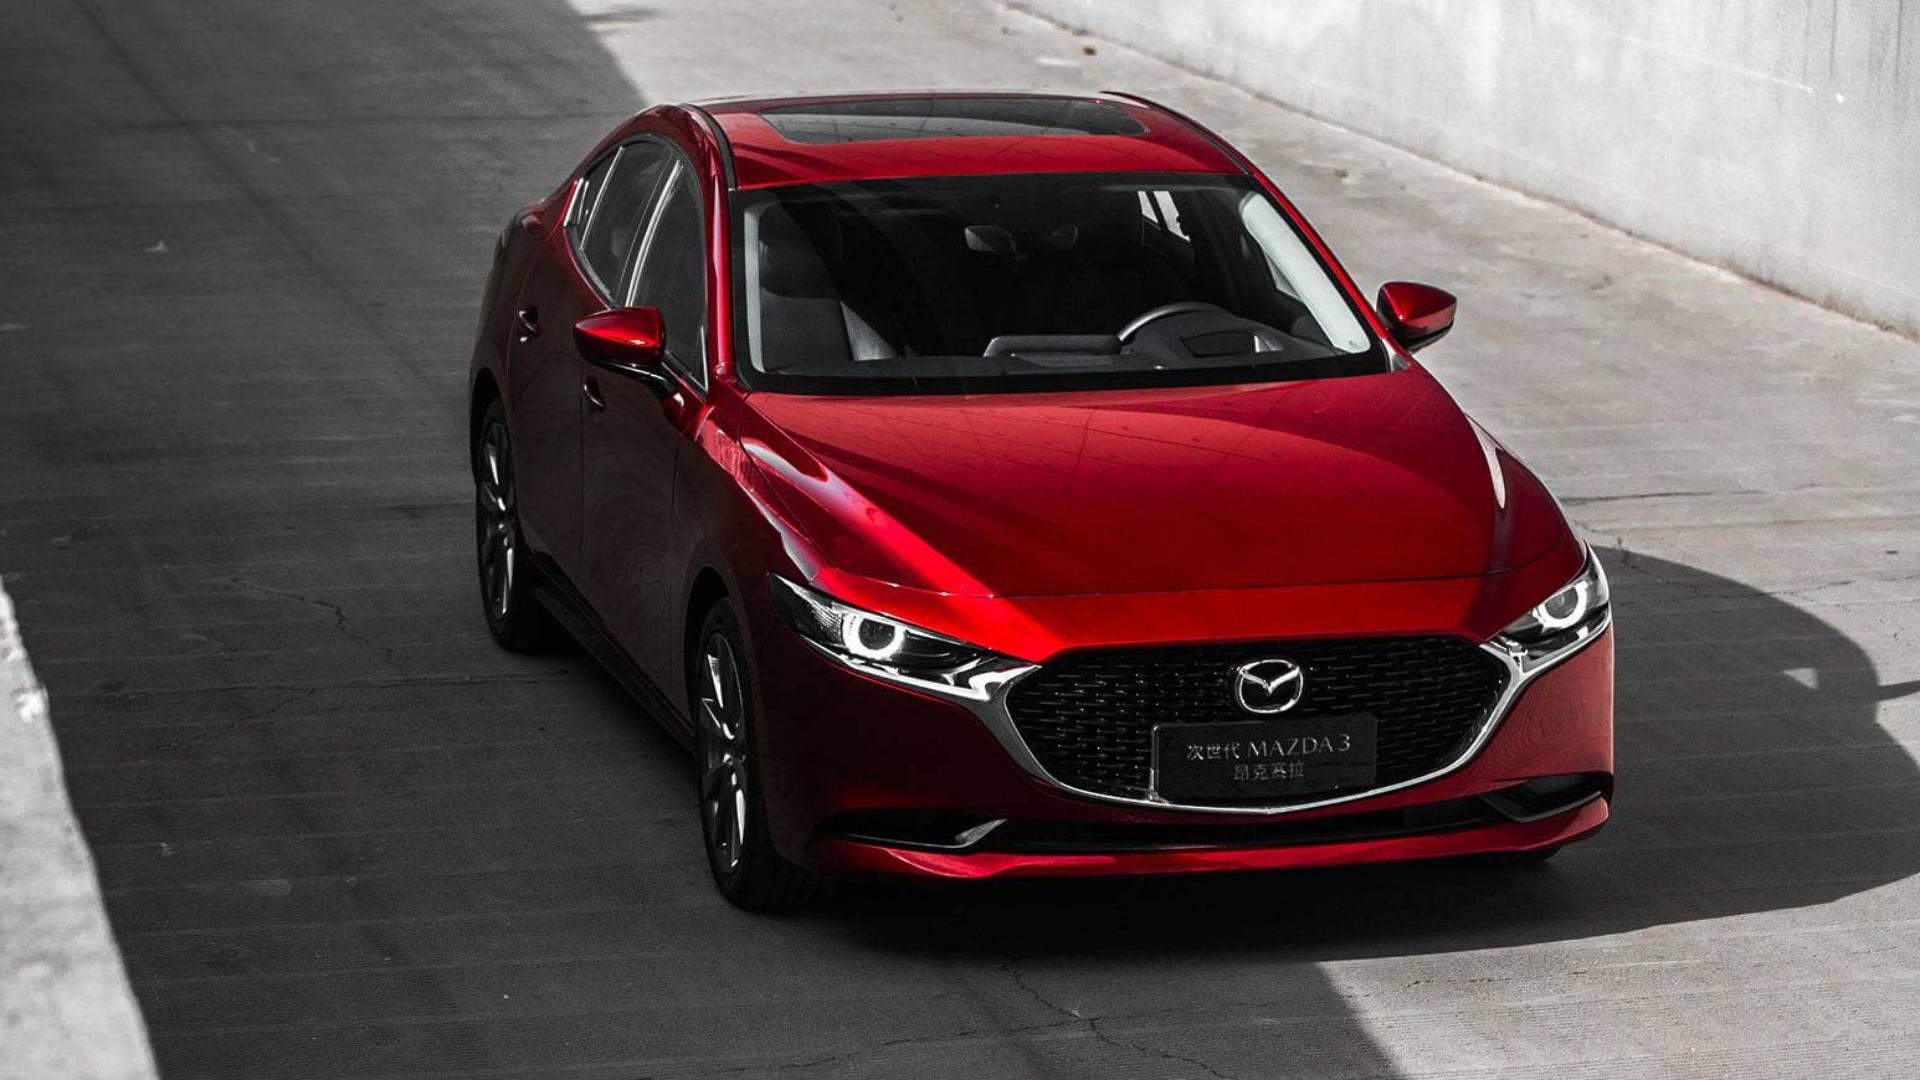 「汽车V报」马自达3新车型正式上市;大众全新小型SUV Nivus官图发布-20200416